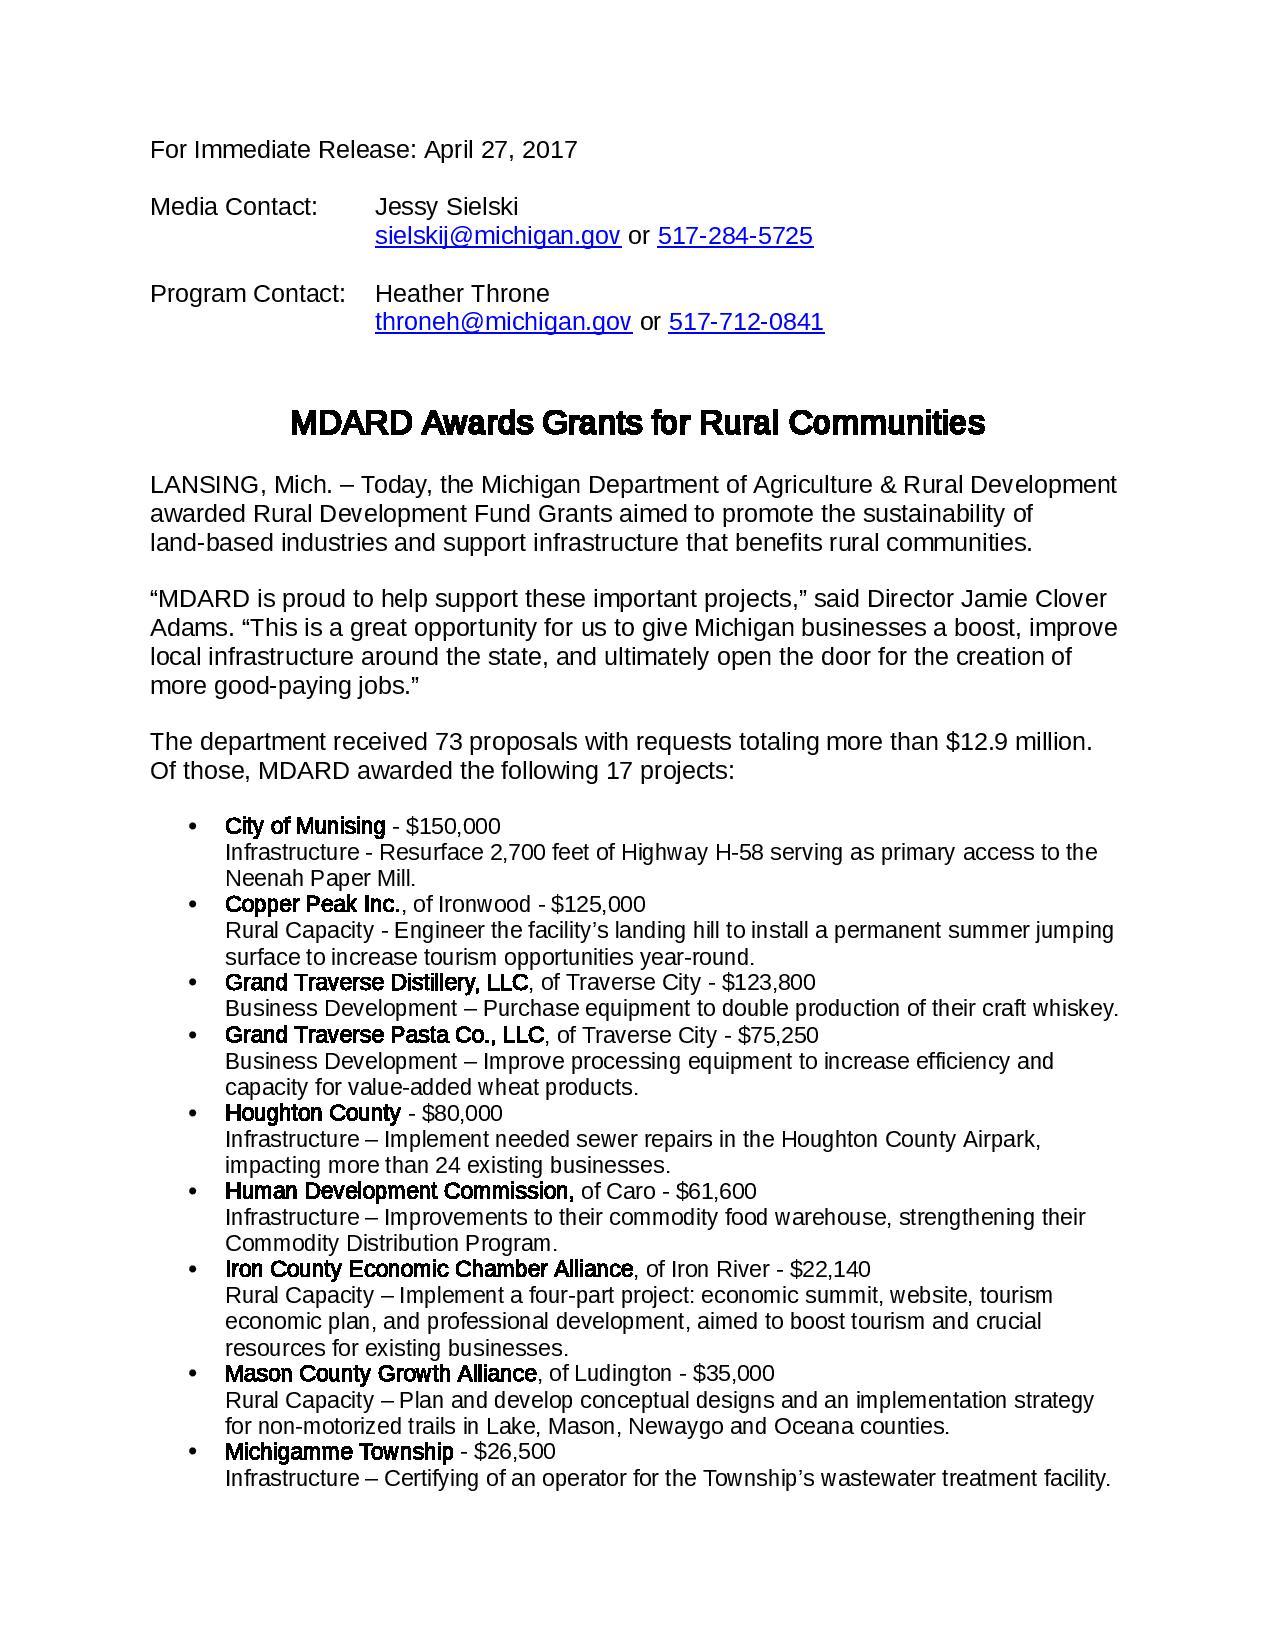 Press Release: $125,000 MDARD Grant